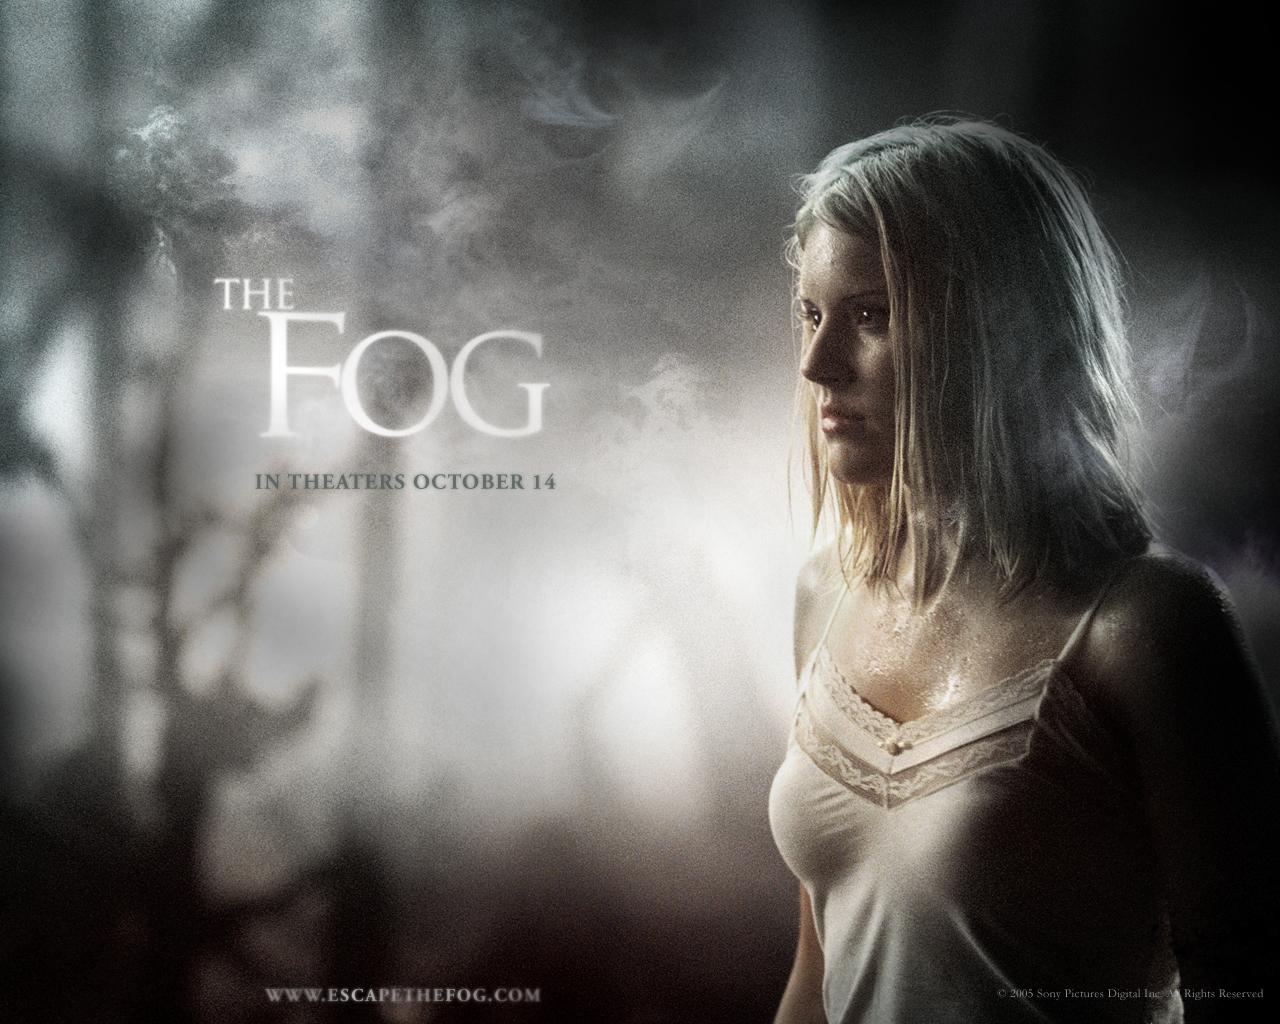 http://4.bp.blogspot.com/-zHM0HiHlSwI/TjE9-VikySI/AAAAAAAAAIw/FgULtHRnnnY/s1600/Maggie_Grace_in_The_Fog_Wallpaper_2_1280.jpg